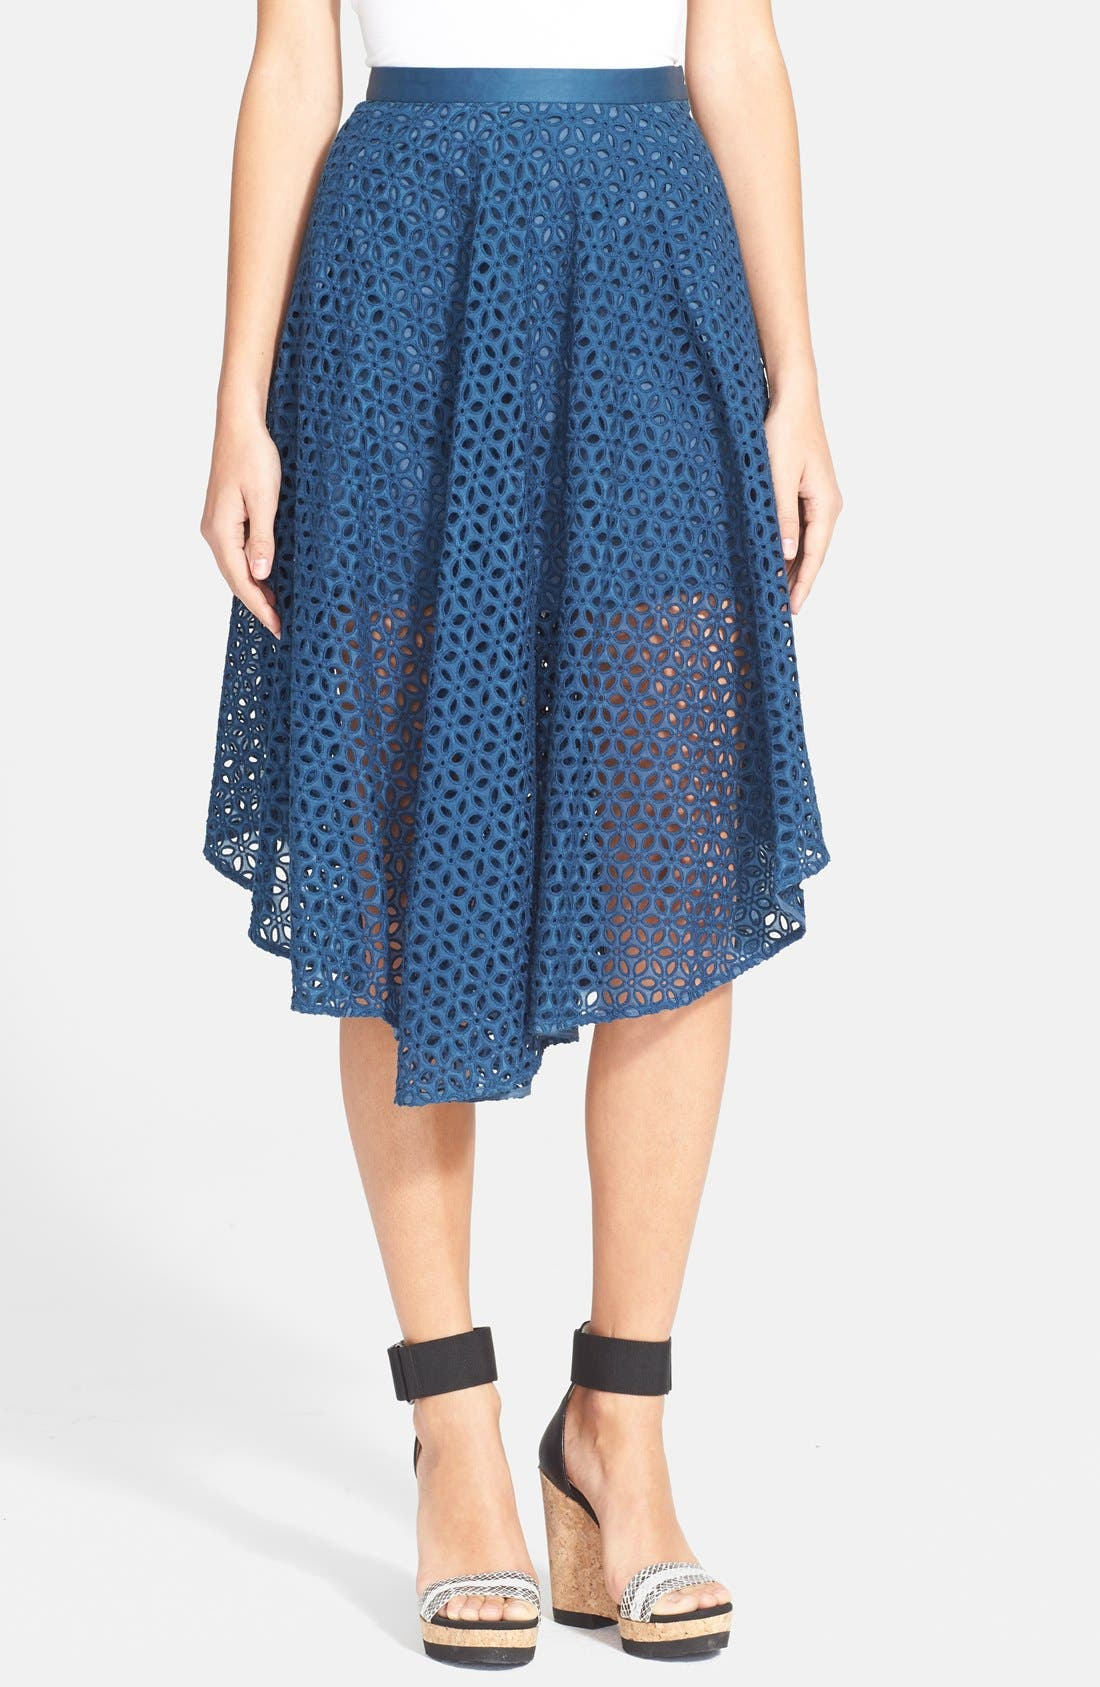 Main Image - Tibi 'Hanae' Eyelet Skirt